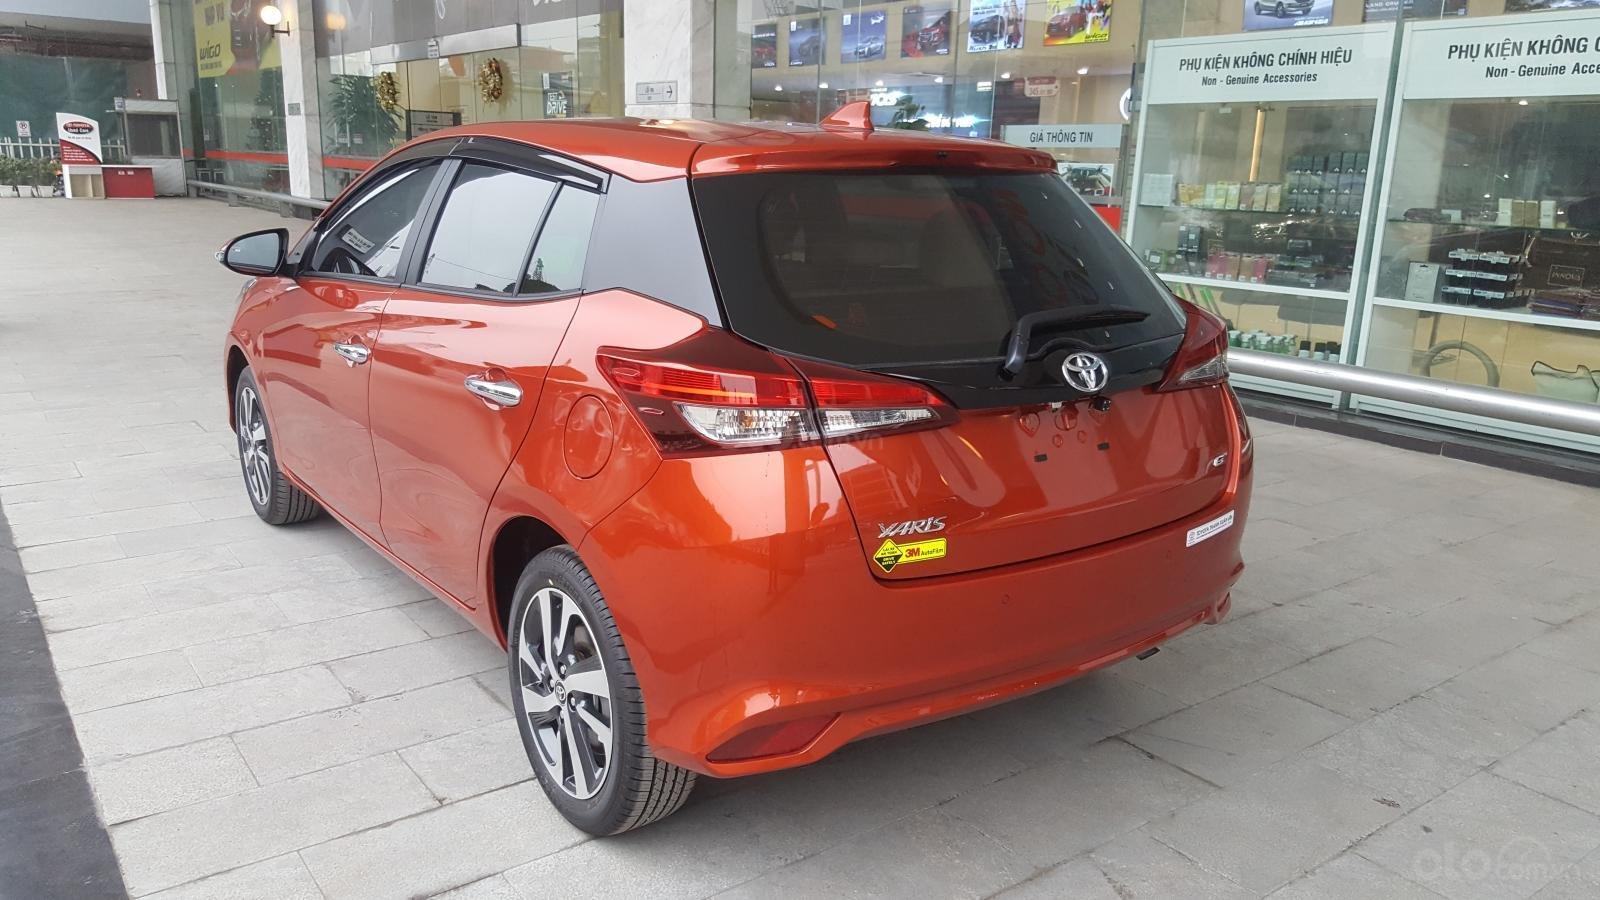 Bán Toyota Yaris nhập khẩu giao ngay, chiết khấu tiền mặt, hỗ trợ mua trả góp-2